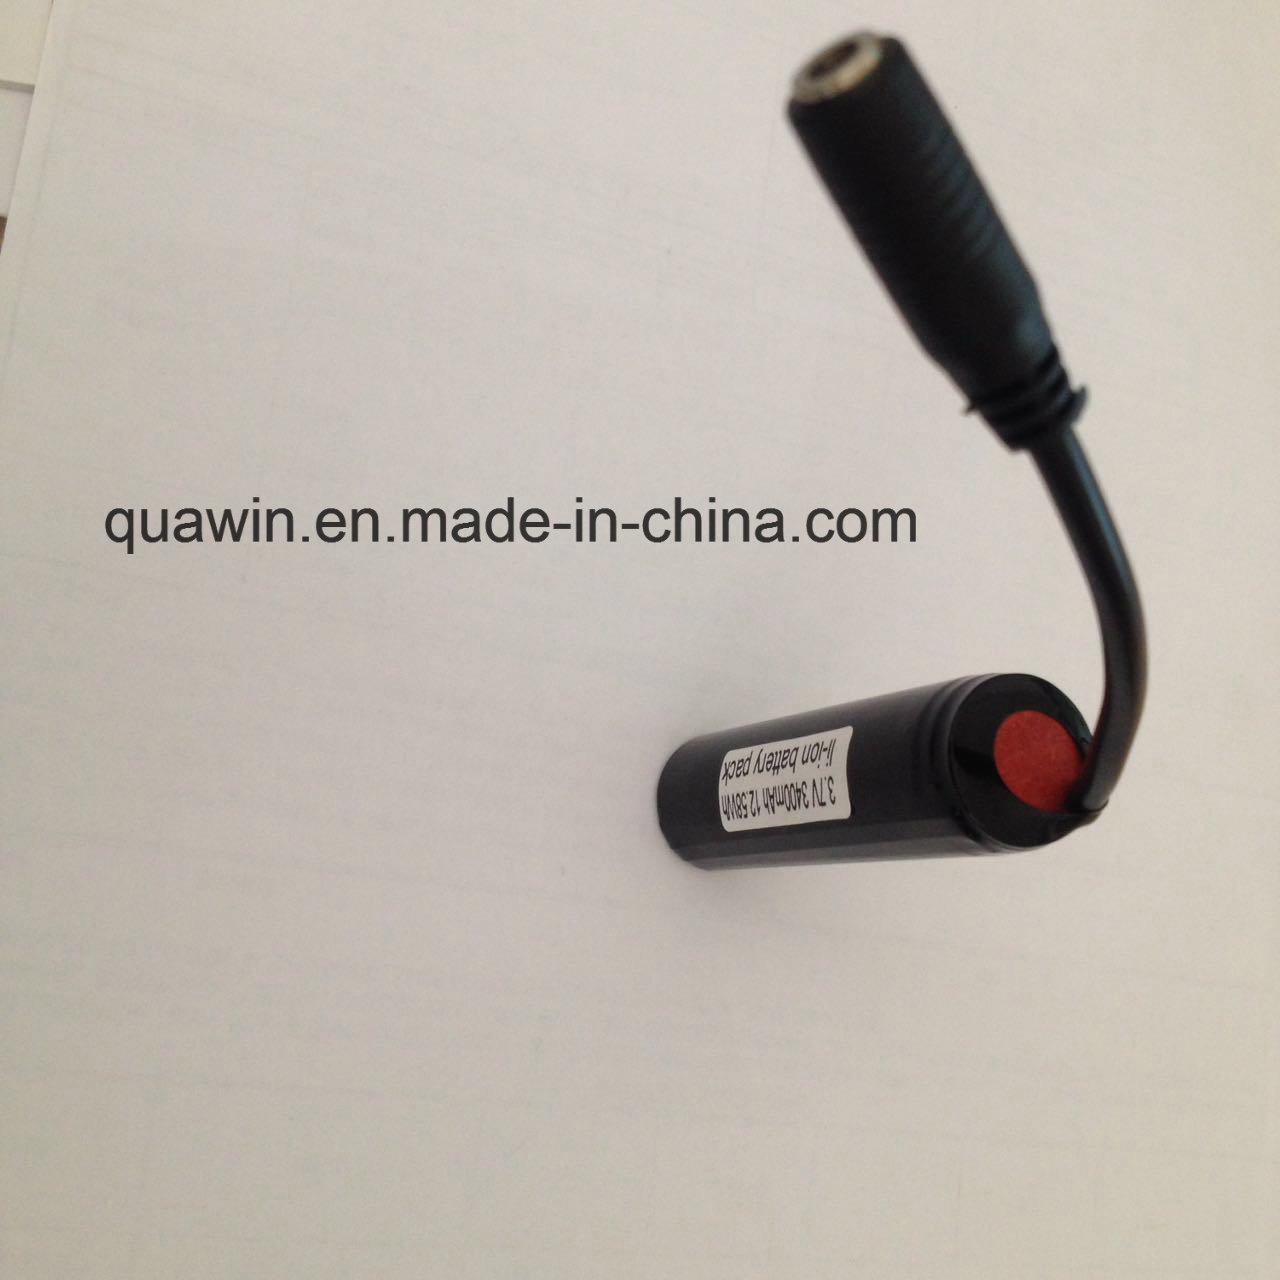 3.7V 3400mAh 18650 Li-ion Rechargeable Battery